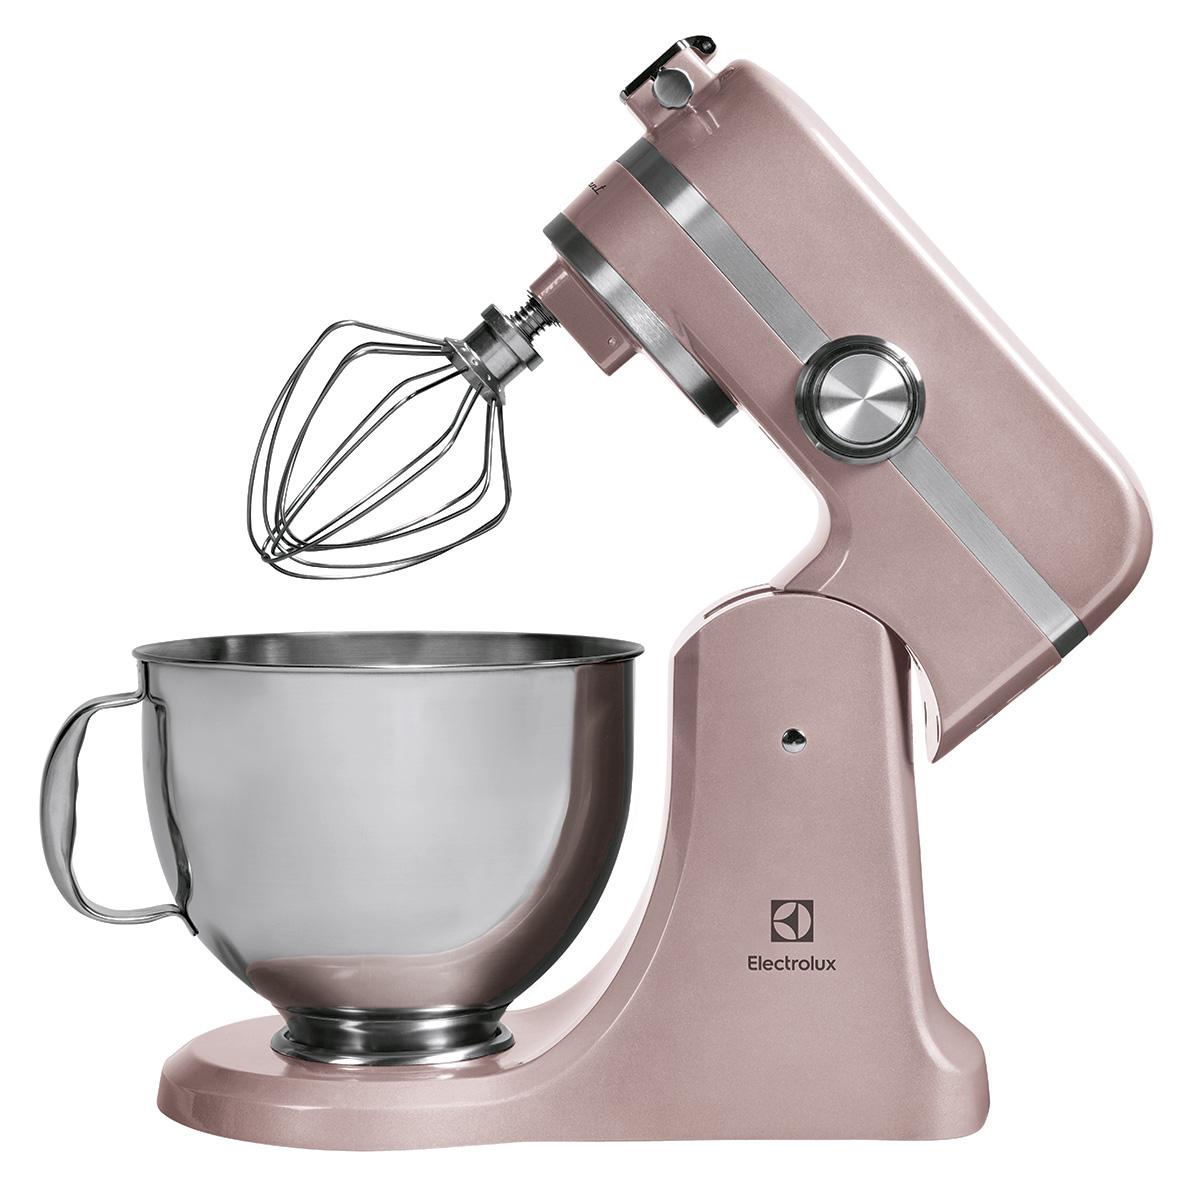 Electrolux køkkenmaskine - Assistent - Pearl rose